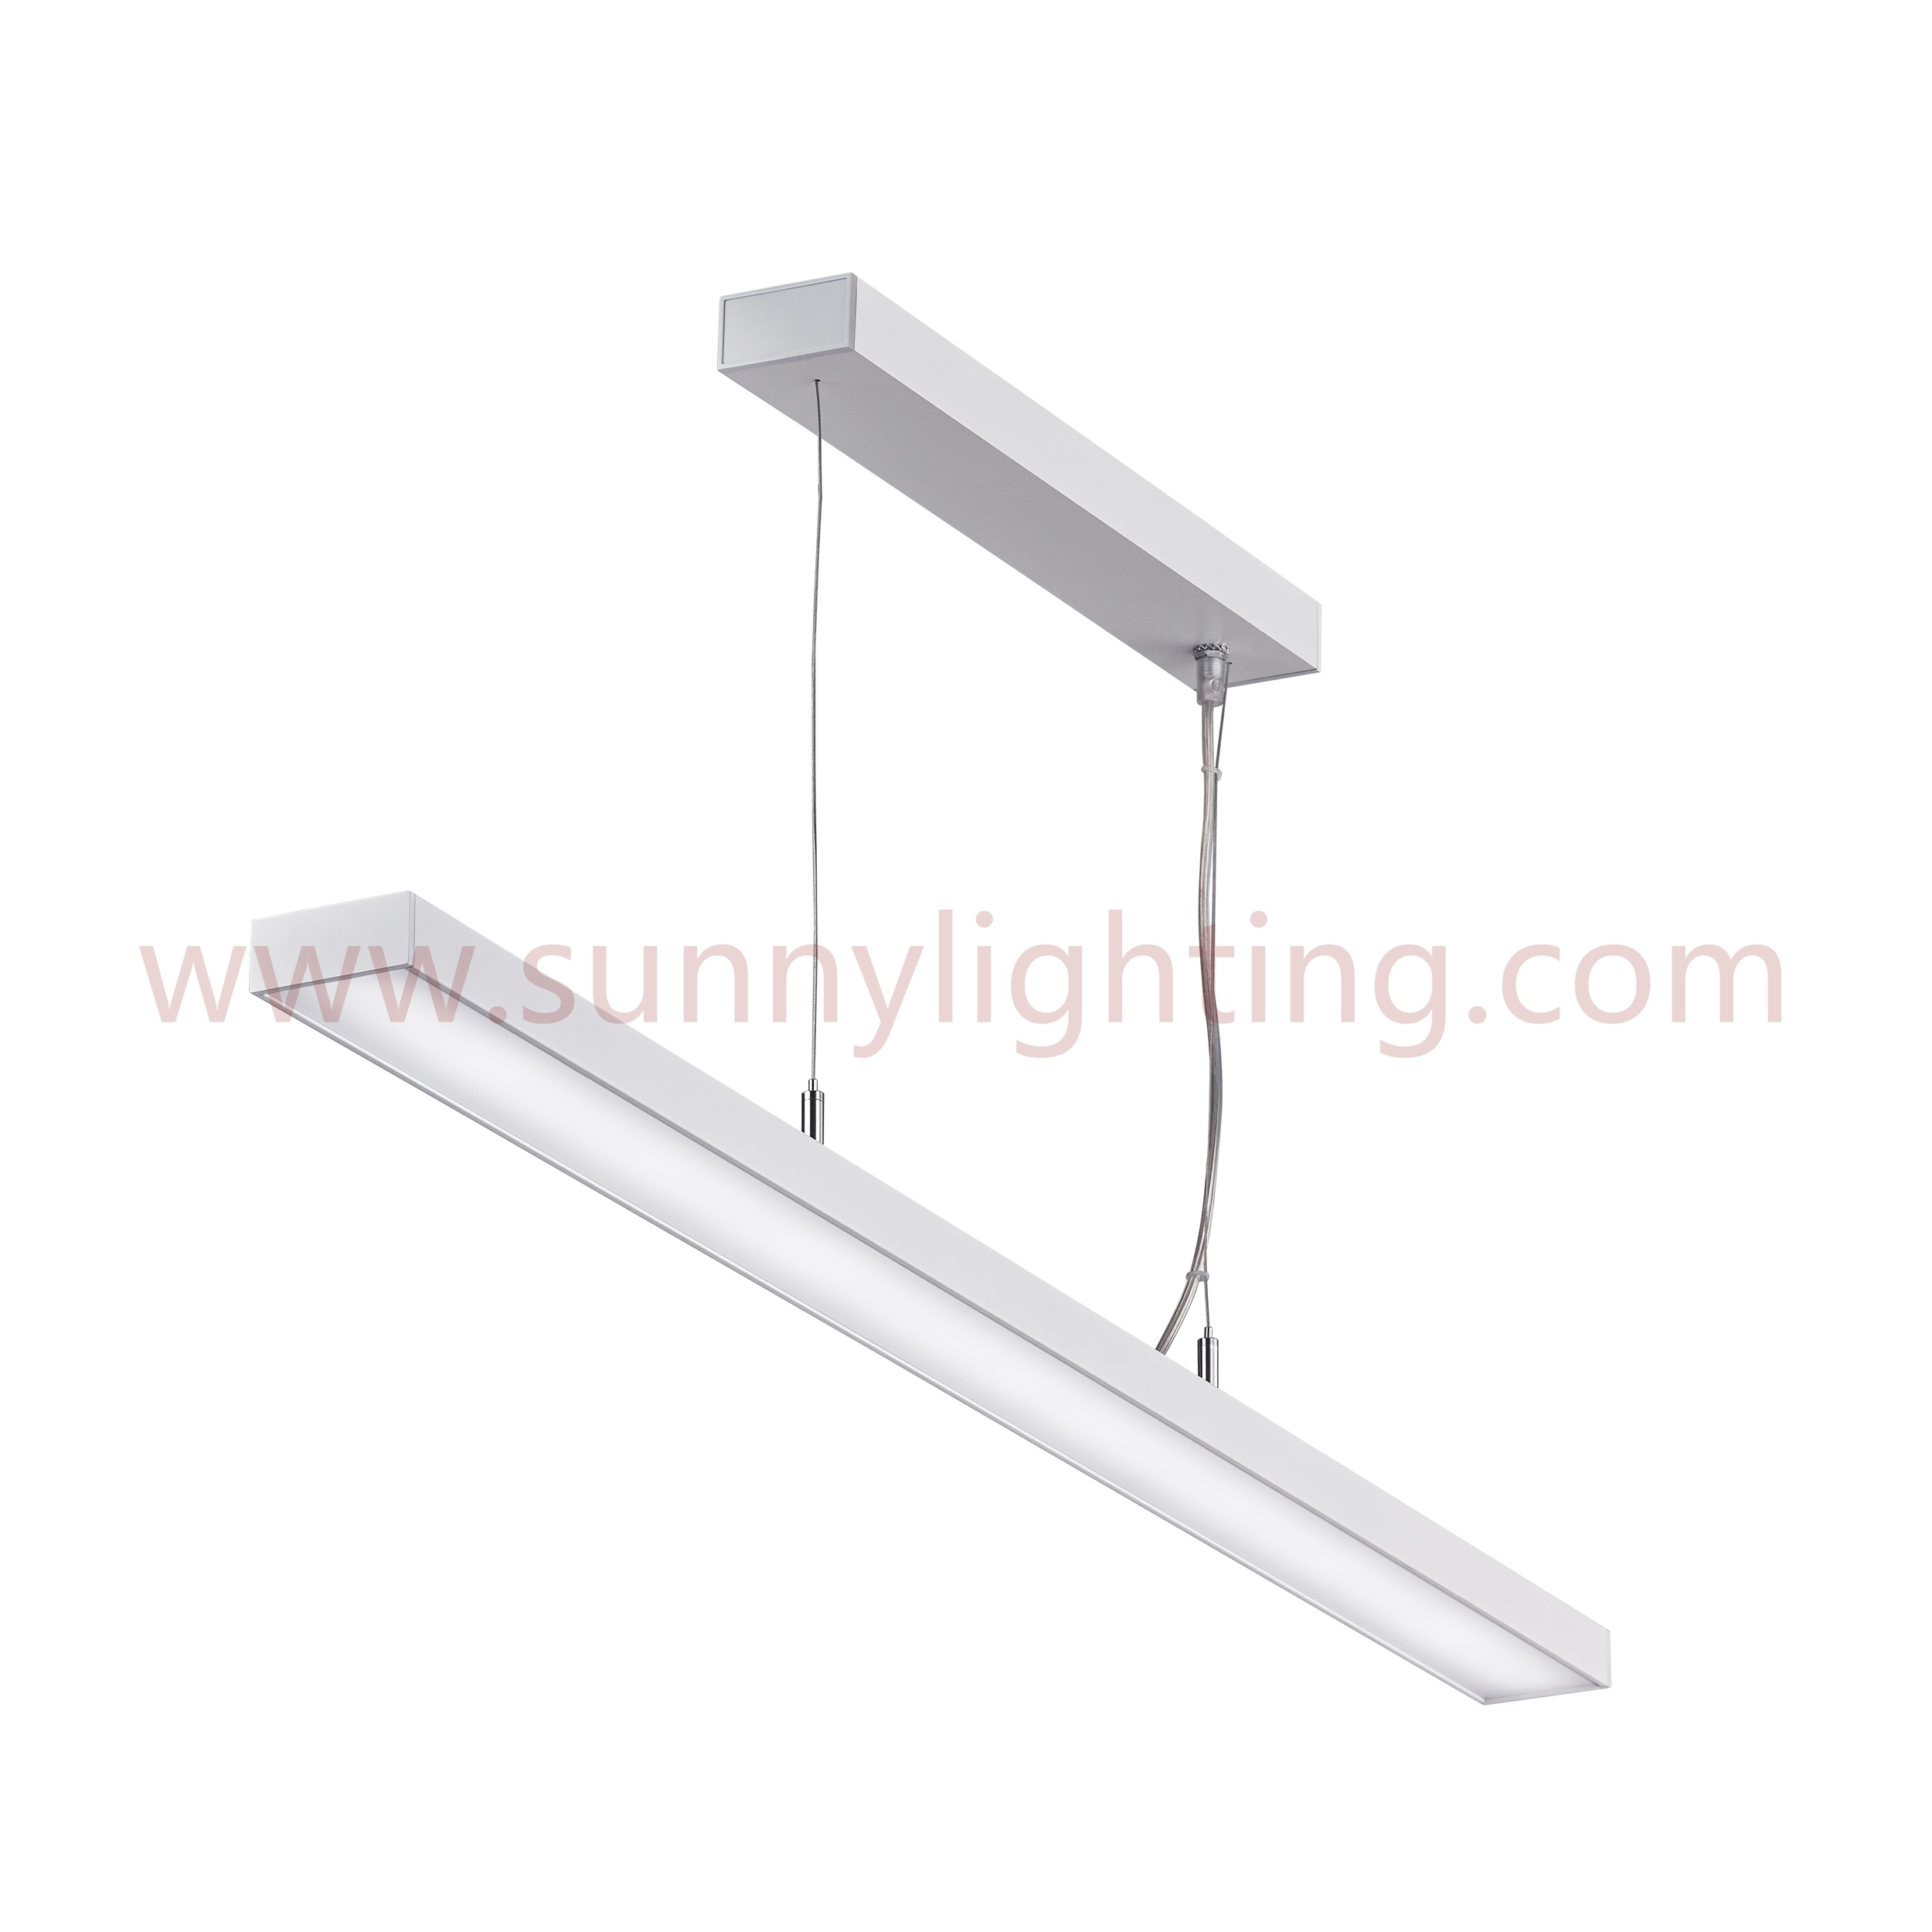 LED Linear Light 21.6/28.8W/36W LED-062B